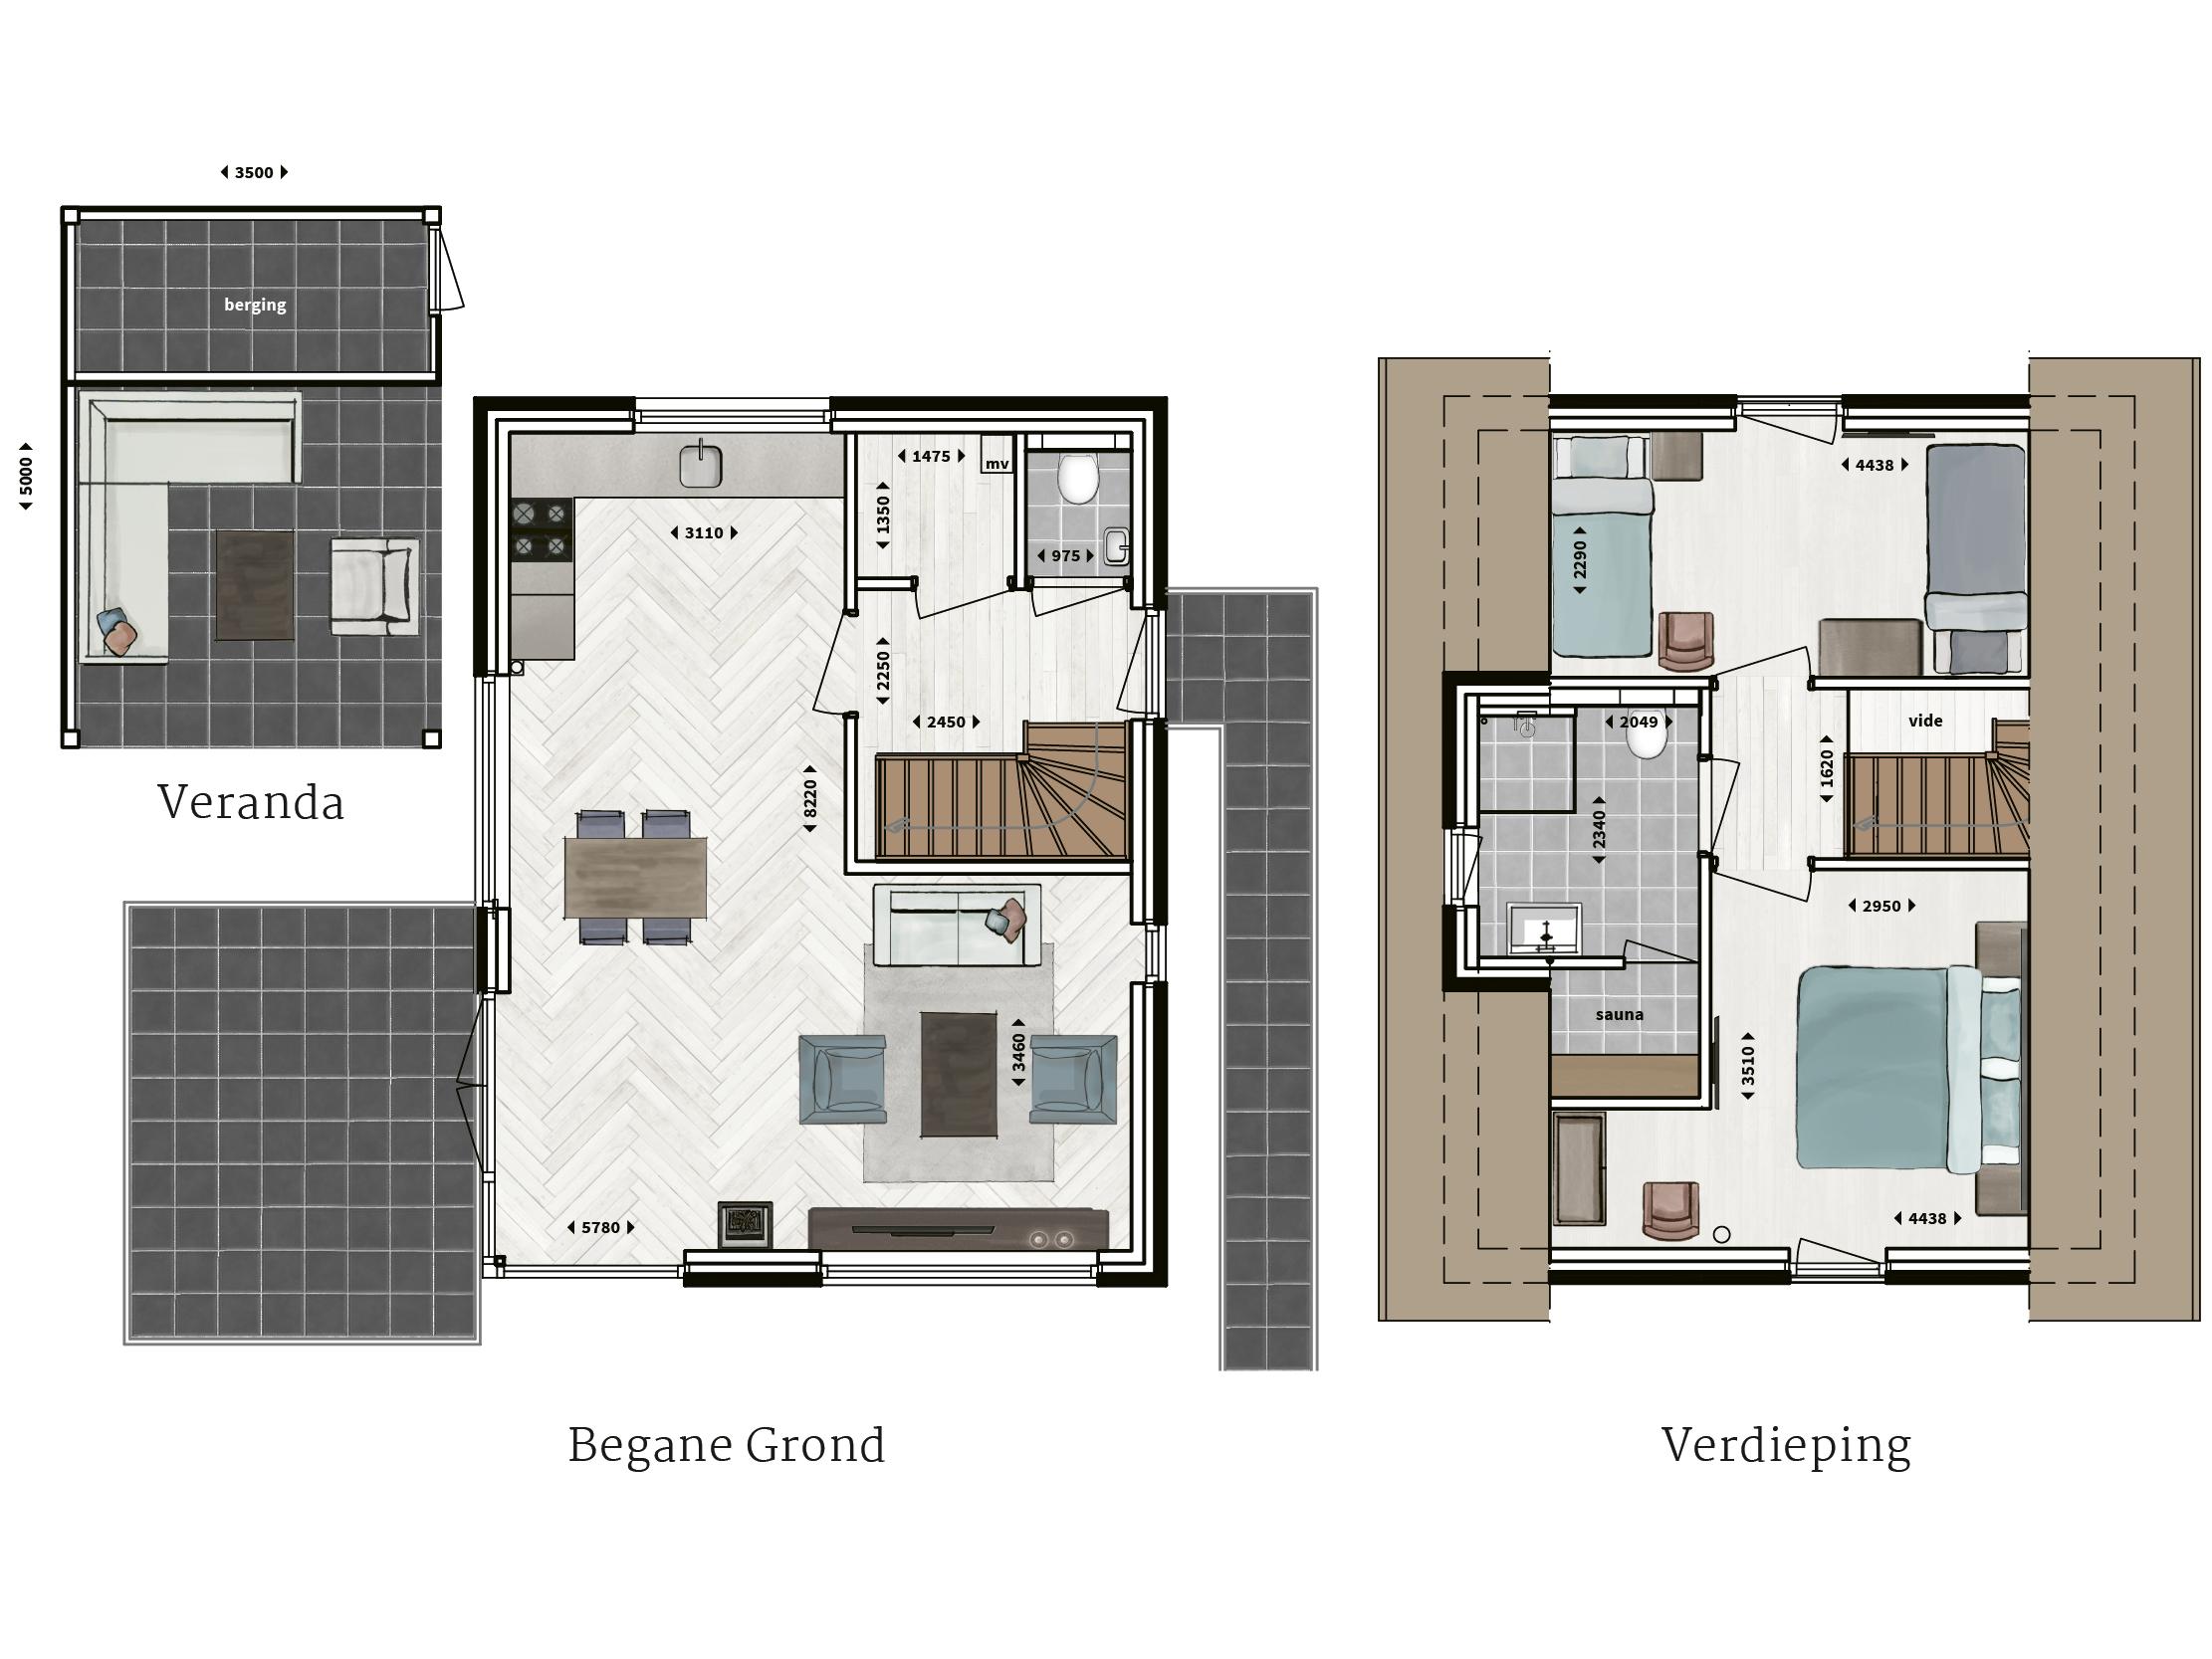 Kenmerken - - Rietgedekt - Gevel van metselwerk- Twee ruime slaapkamers- Badkamer met inloopdouche en sunshower- Sauna- Compleet ingerichte keuken- Houtkachel- Glazen hoekpui- Veranda met buitenhaard- Buitenberging